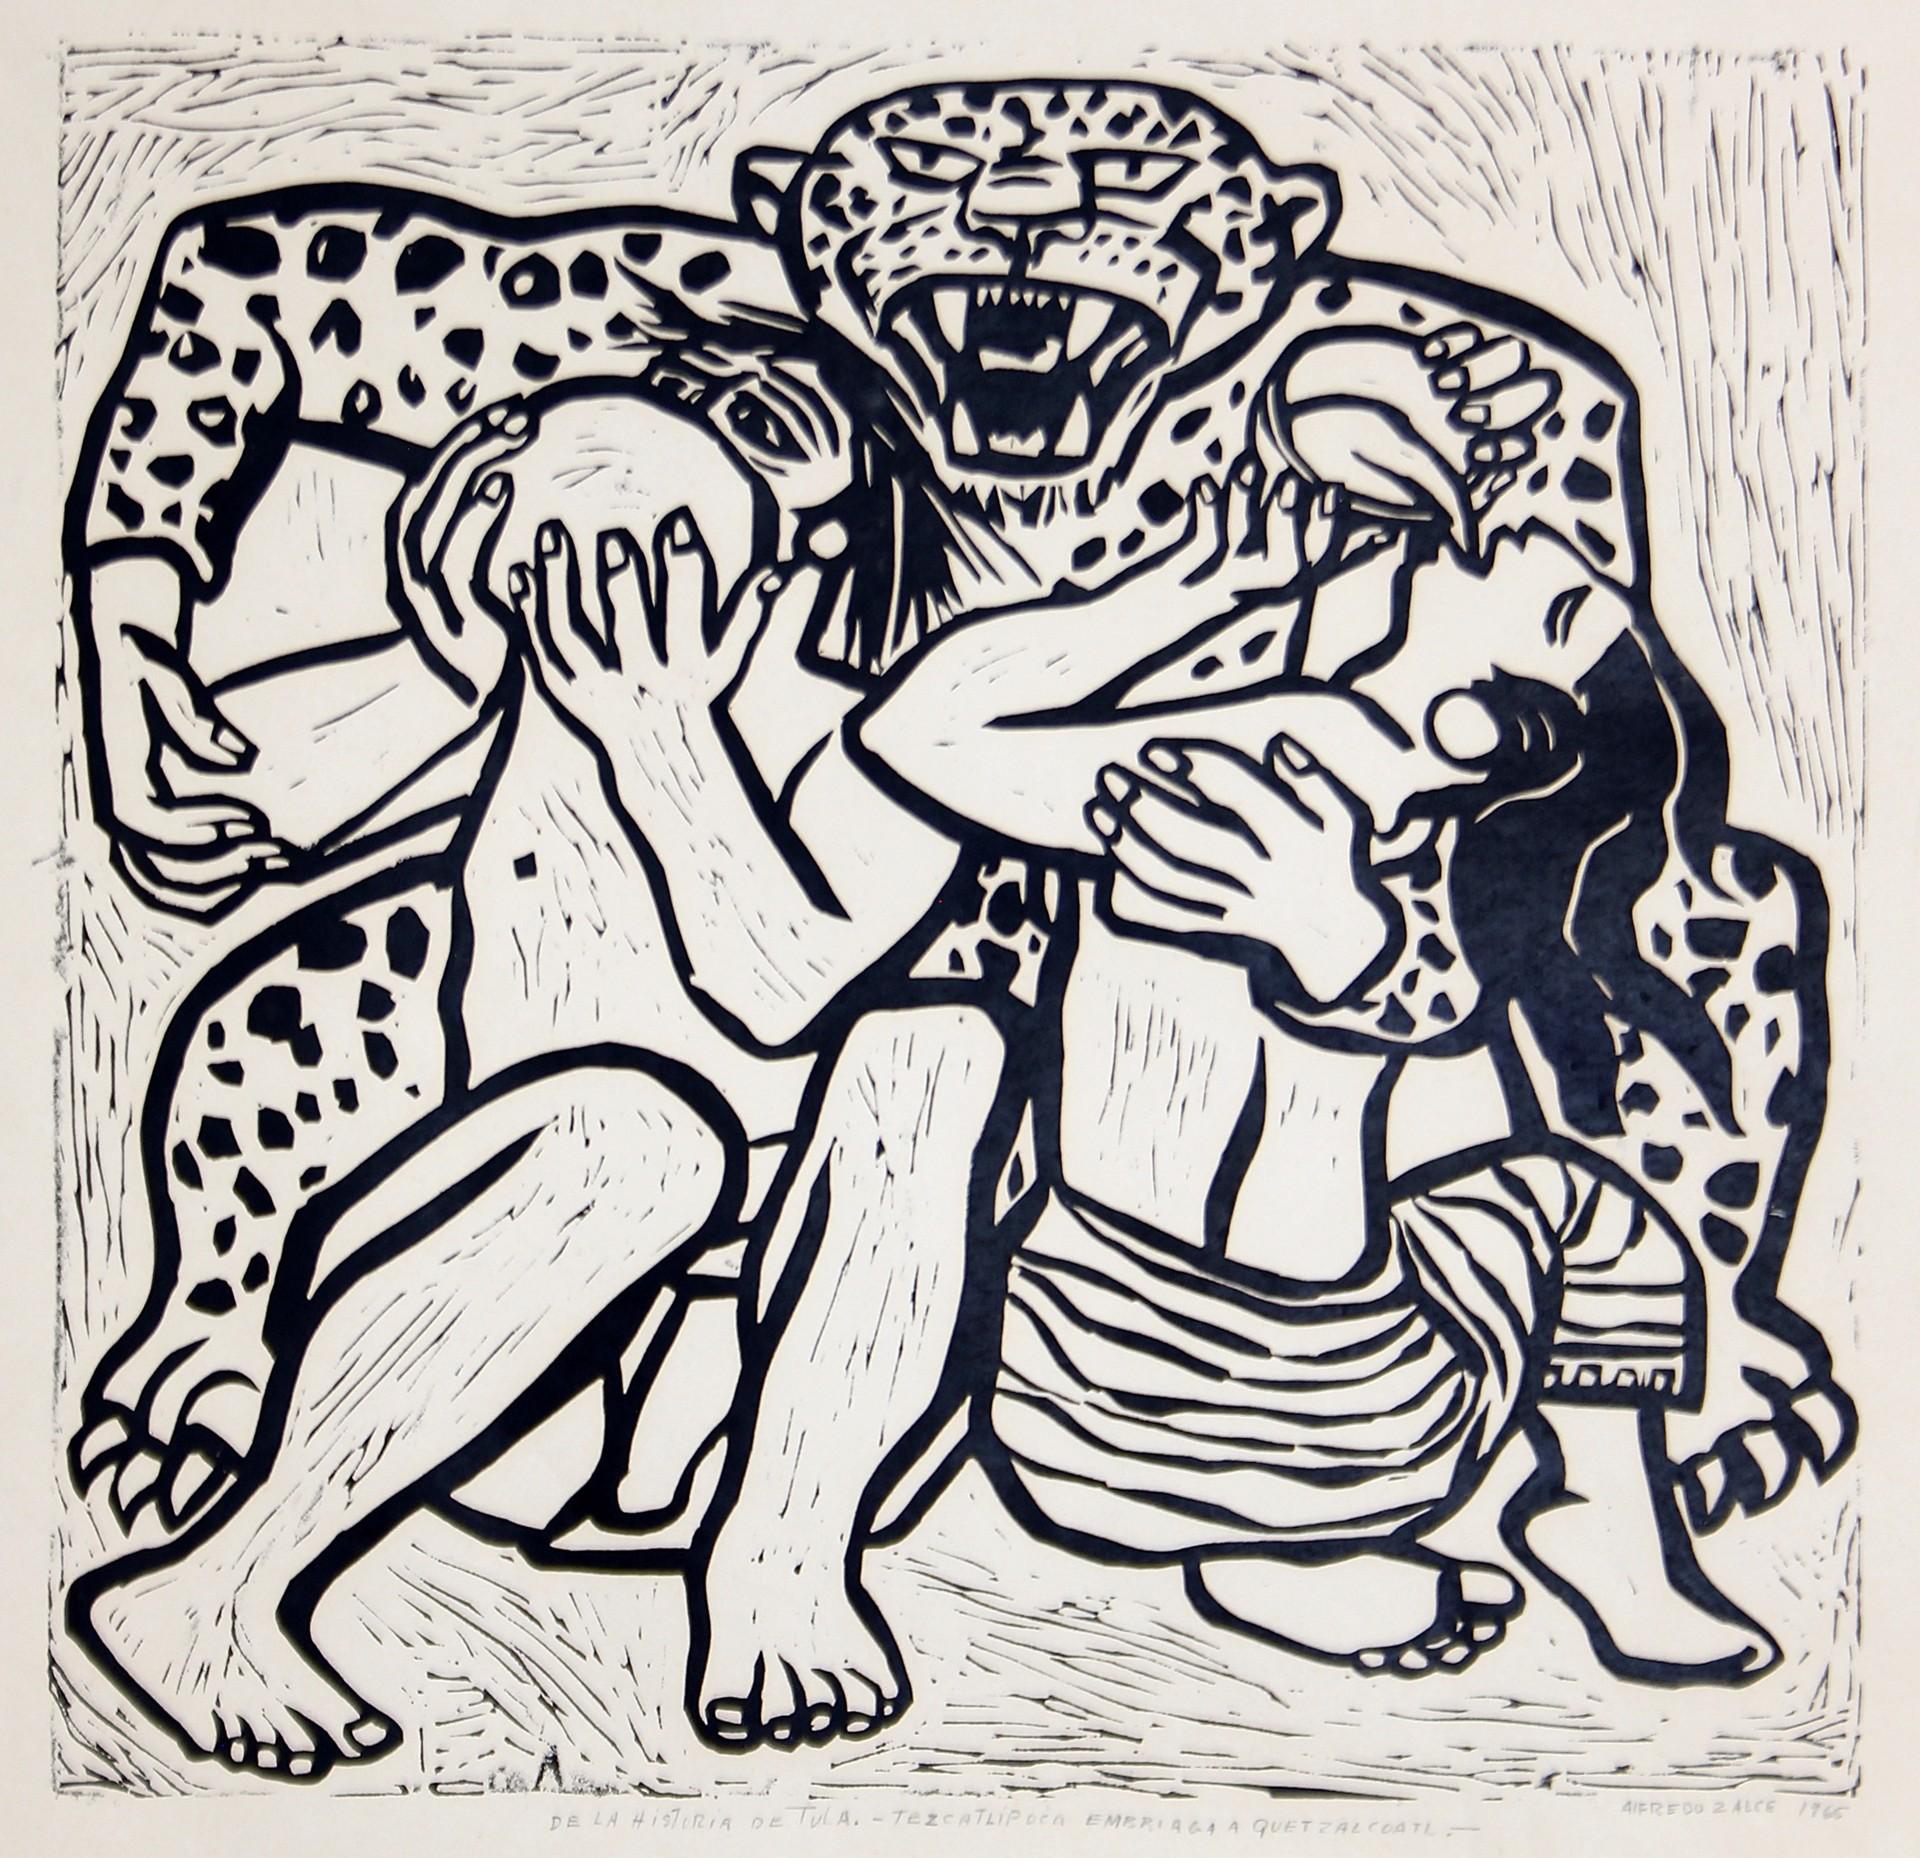 Tezcatlipoca Embriaga a Quetzalcoatl: De la Historia de Tula (Framed) by Alfredo Zalce (1908 - 2003)